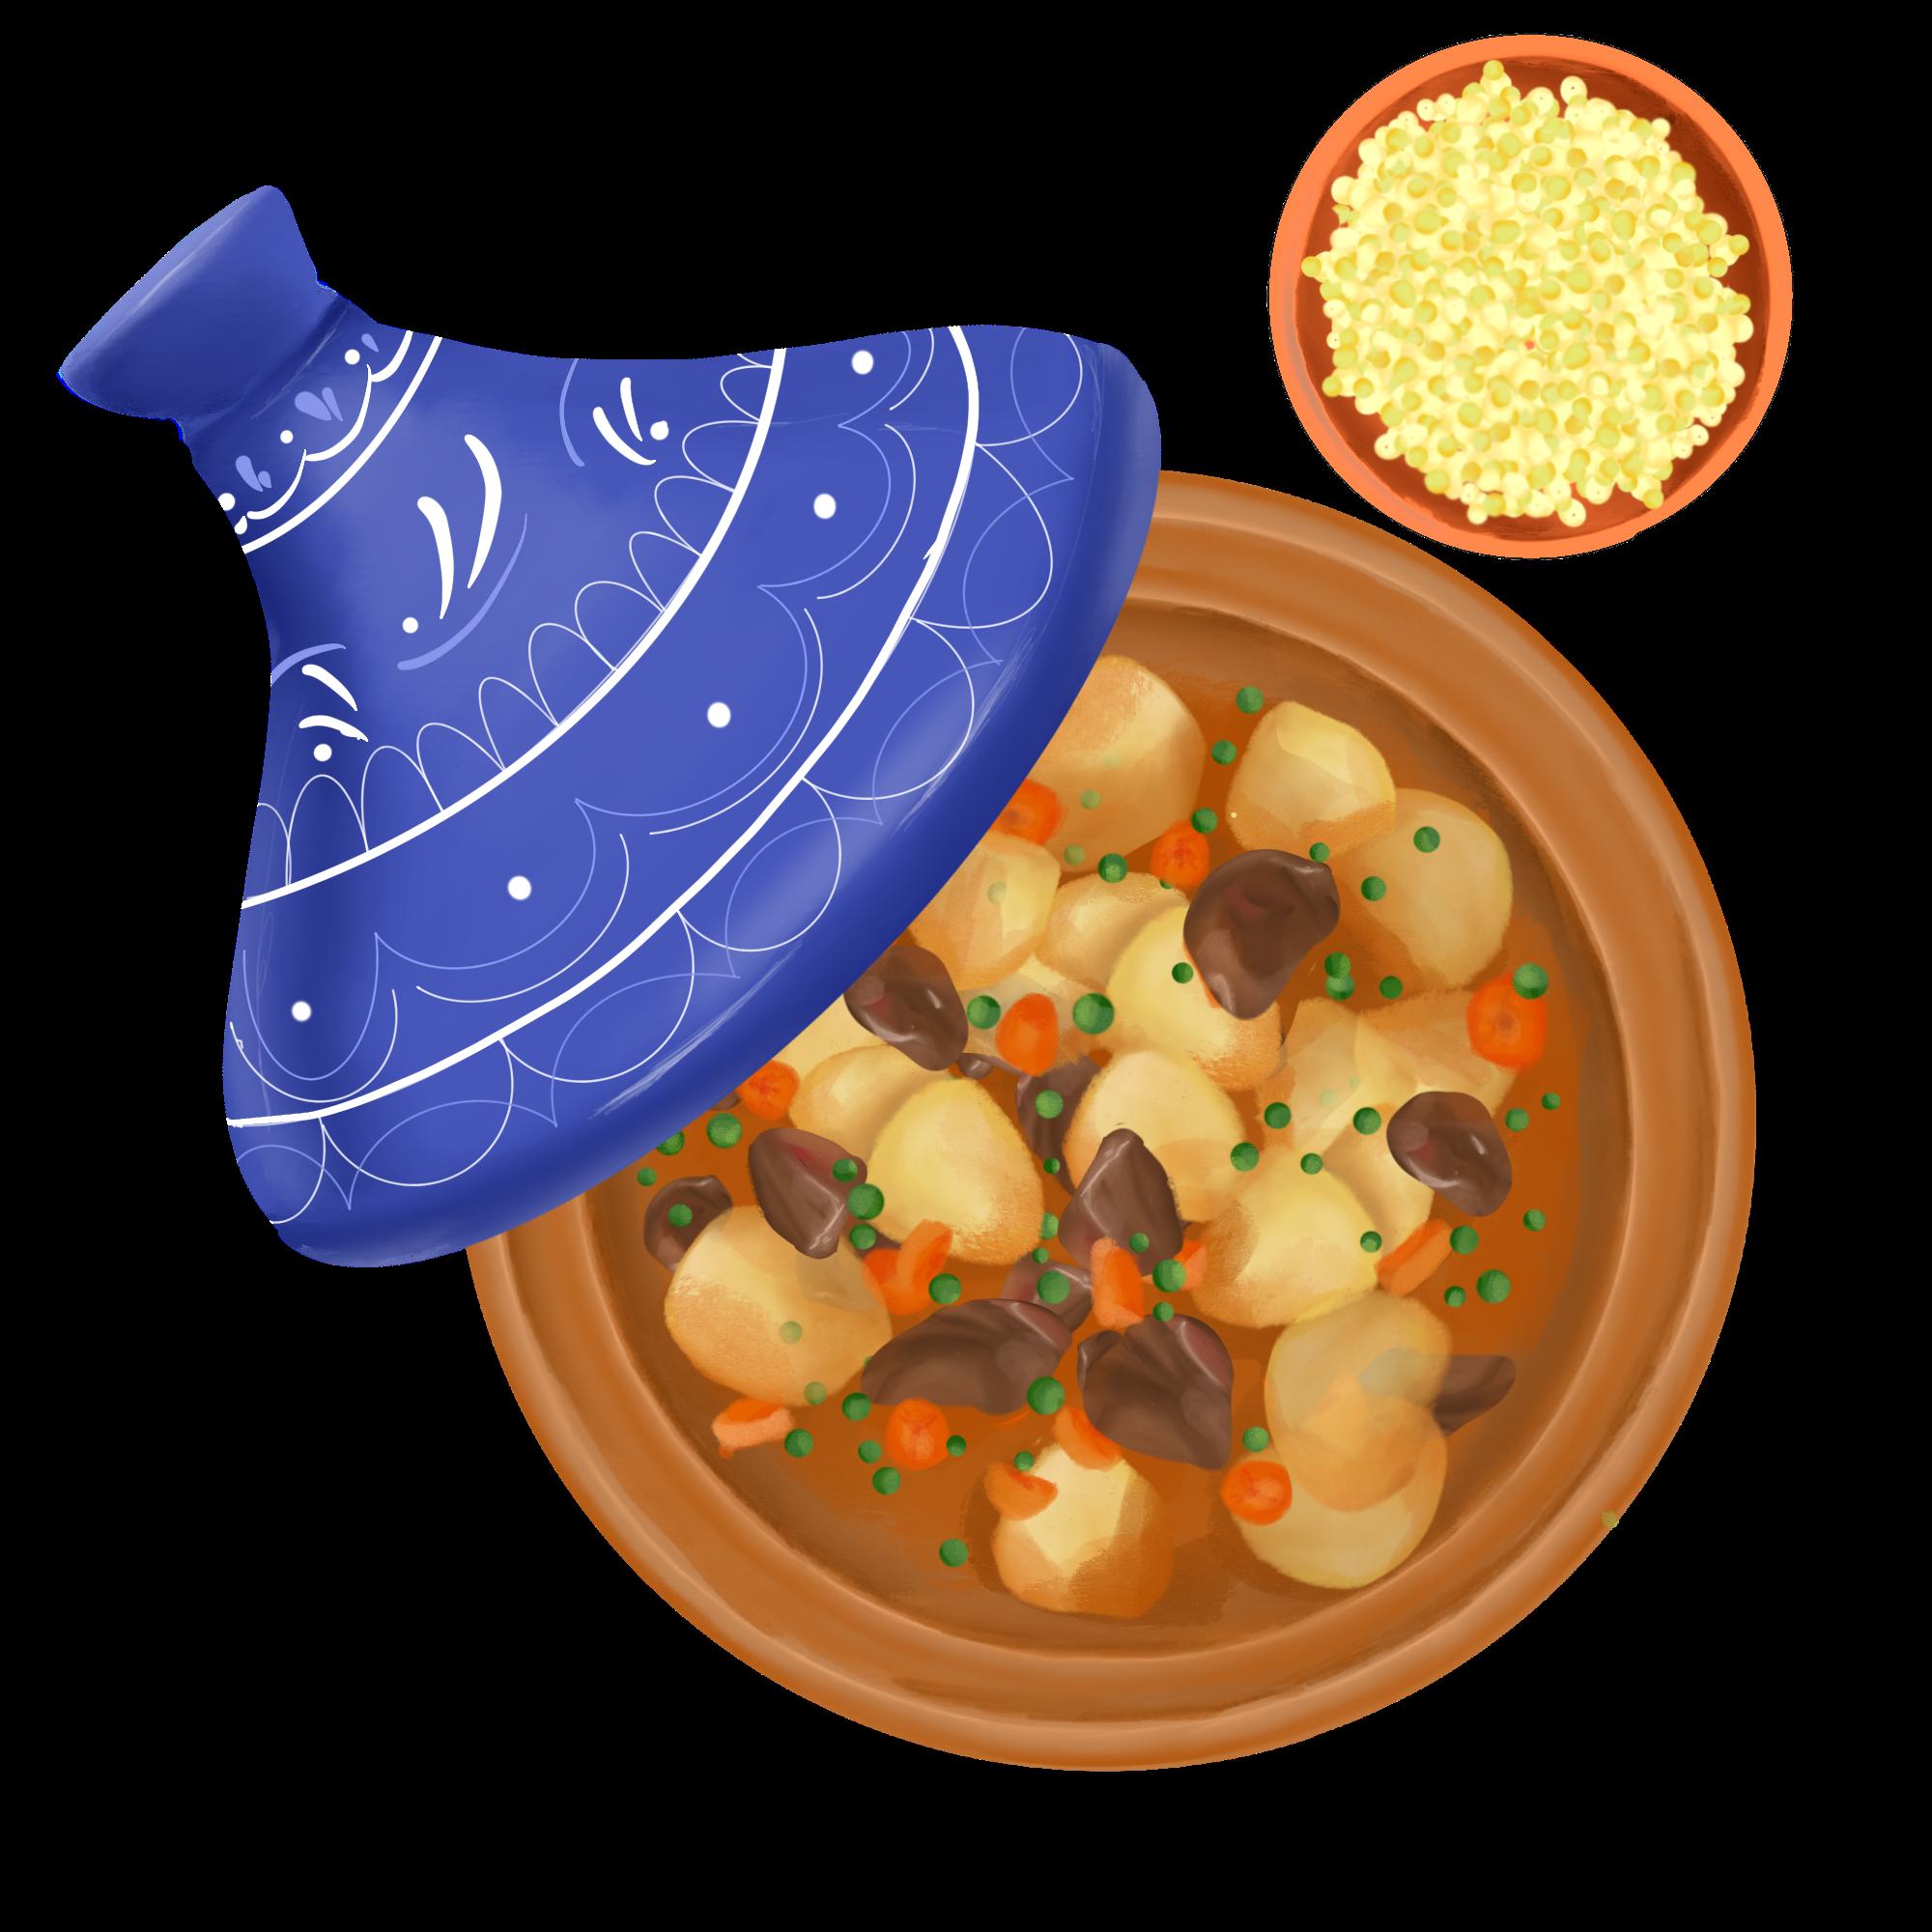 He wat eet jij - Marokko